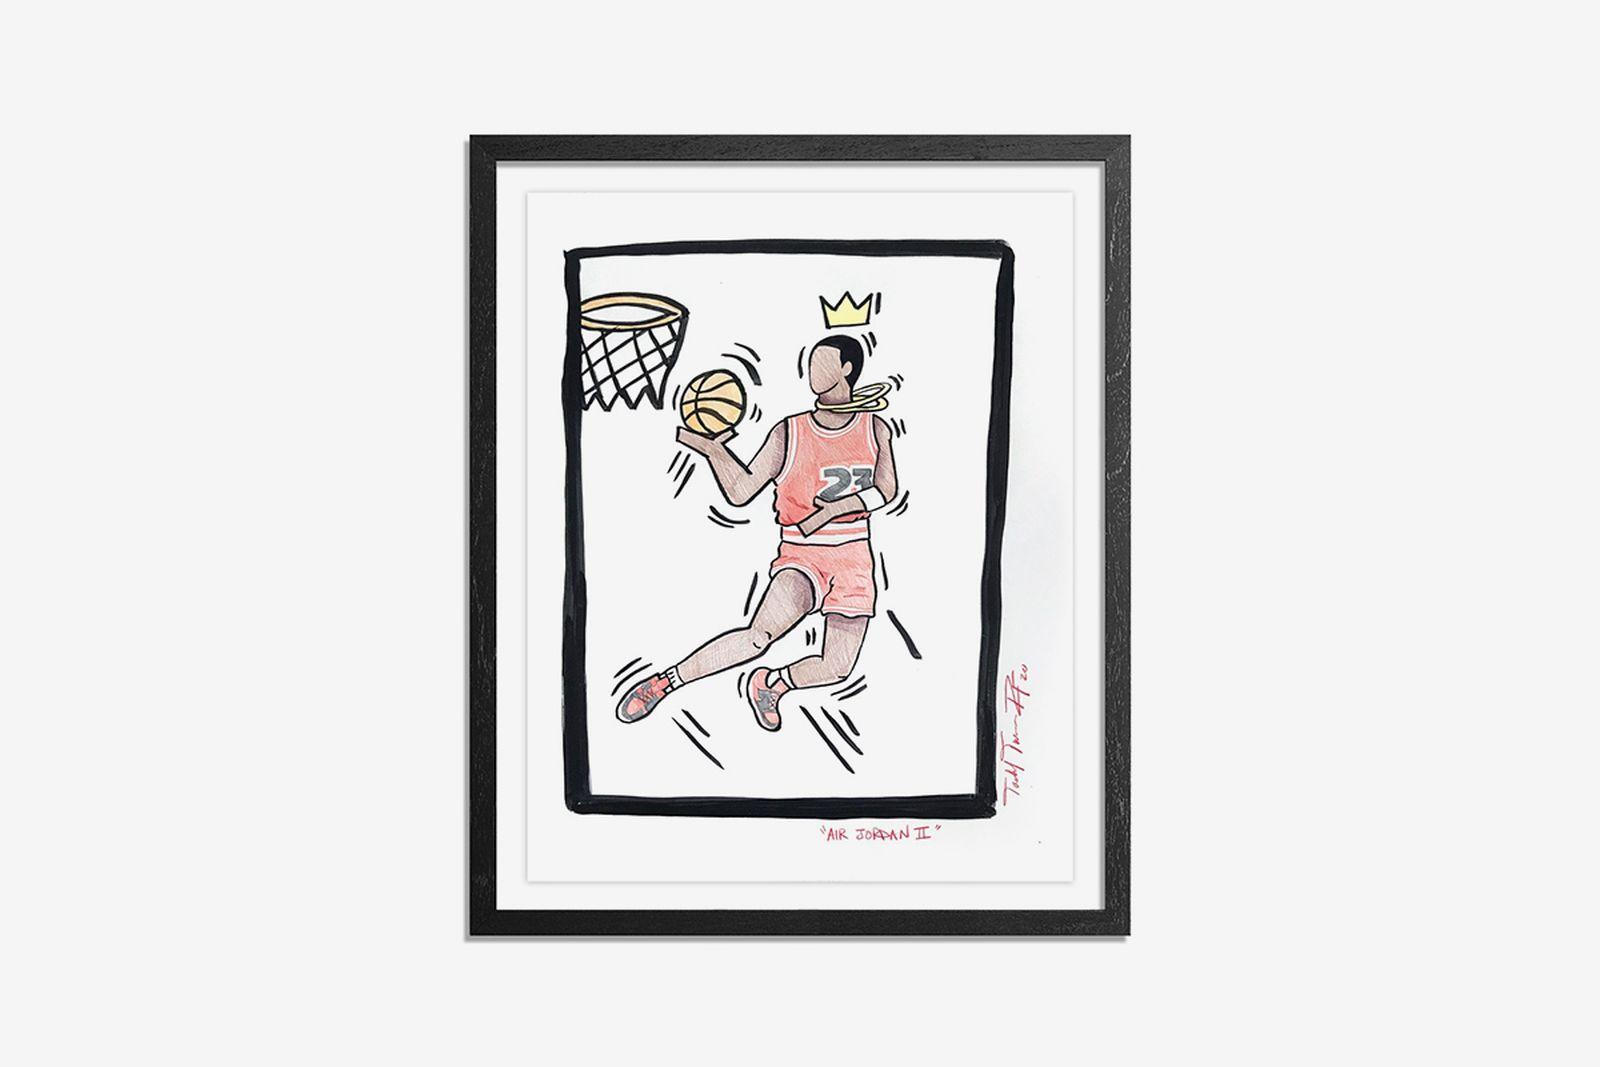 michael-jordan-artwork-gallery1